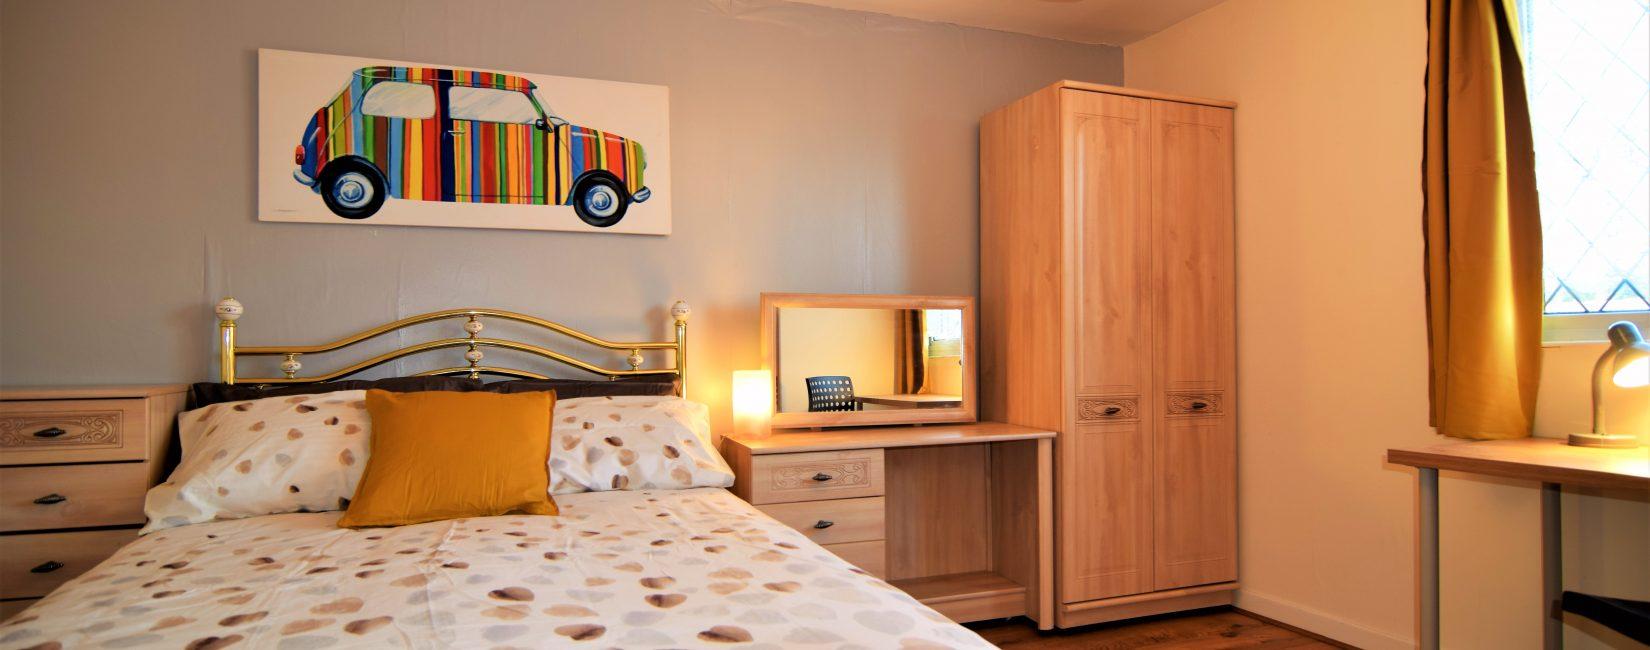 Five Beds (8 guests)